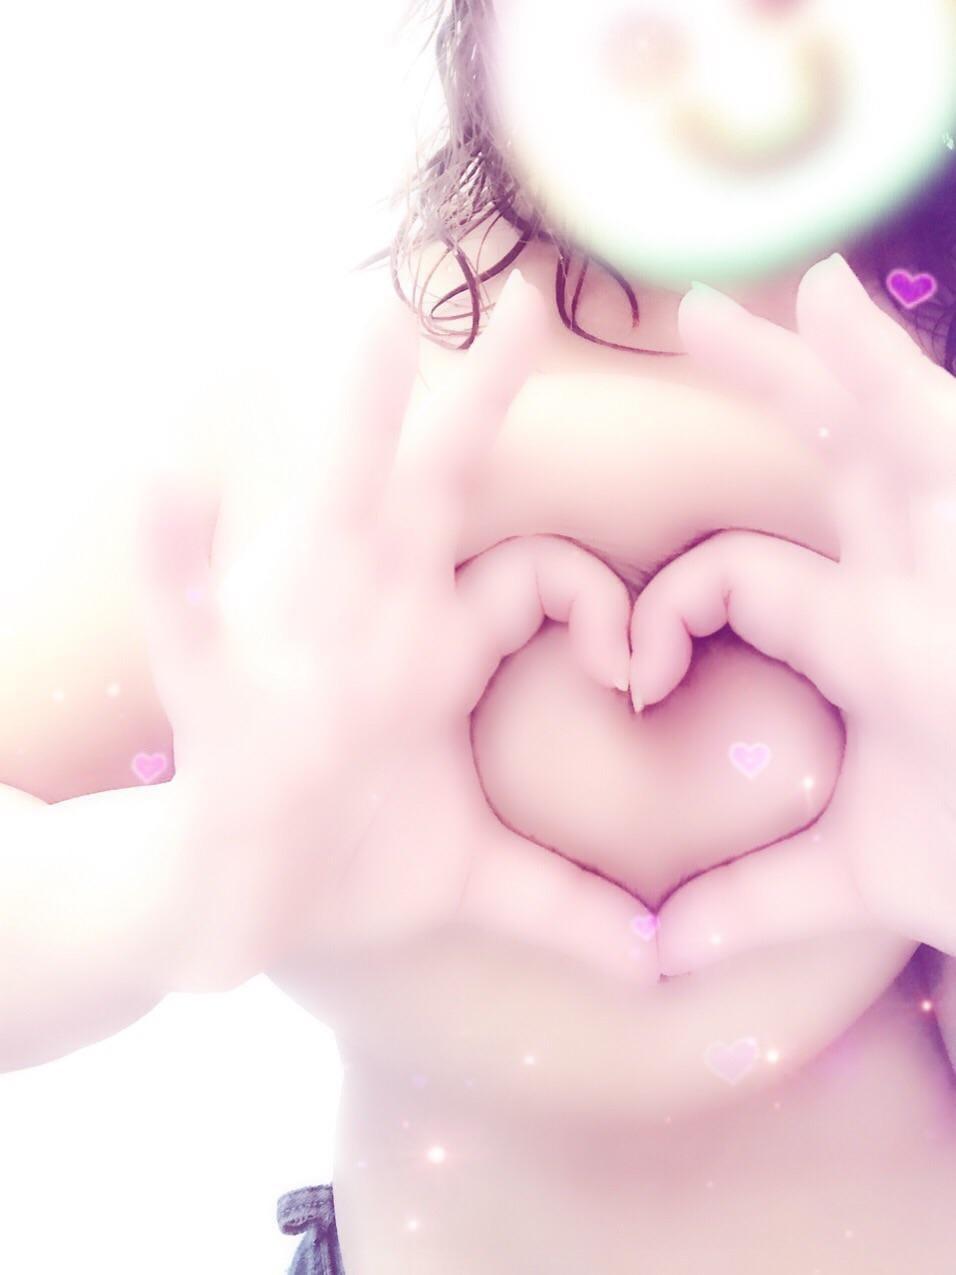 「あとすこしでJも越えそう」12/07(12/07) 15:25 | 業界初登場♥️美乃里姫ちゃんの写メ・風俗動画